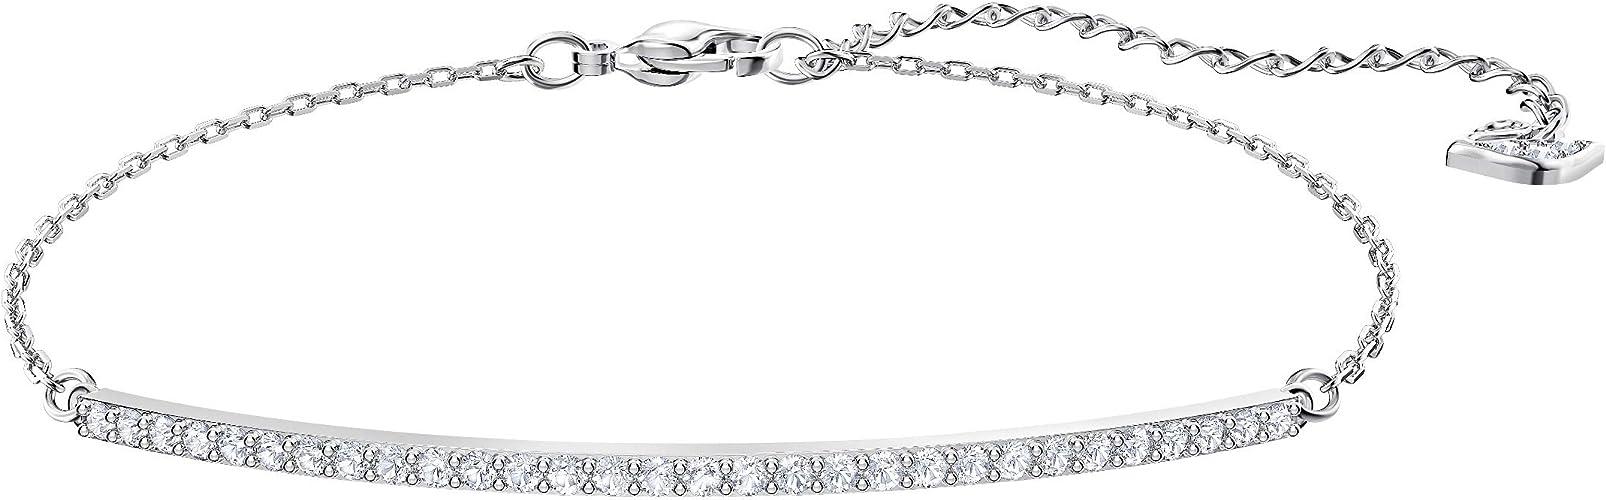 Bracelet Swarovski Only, cristal blanc, métal rhodié, pour femme